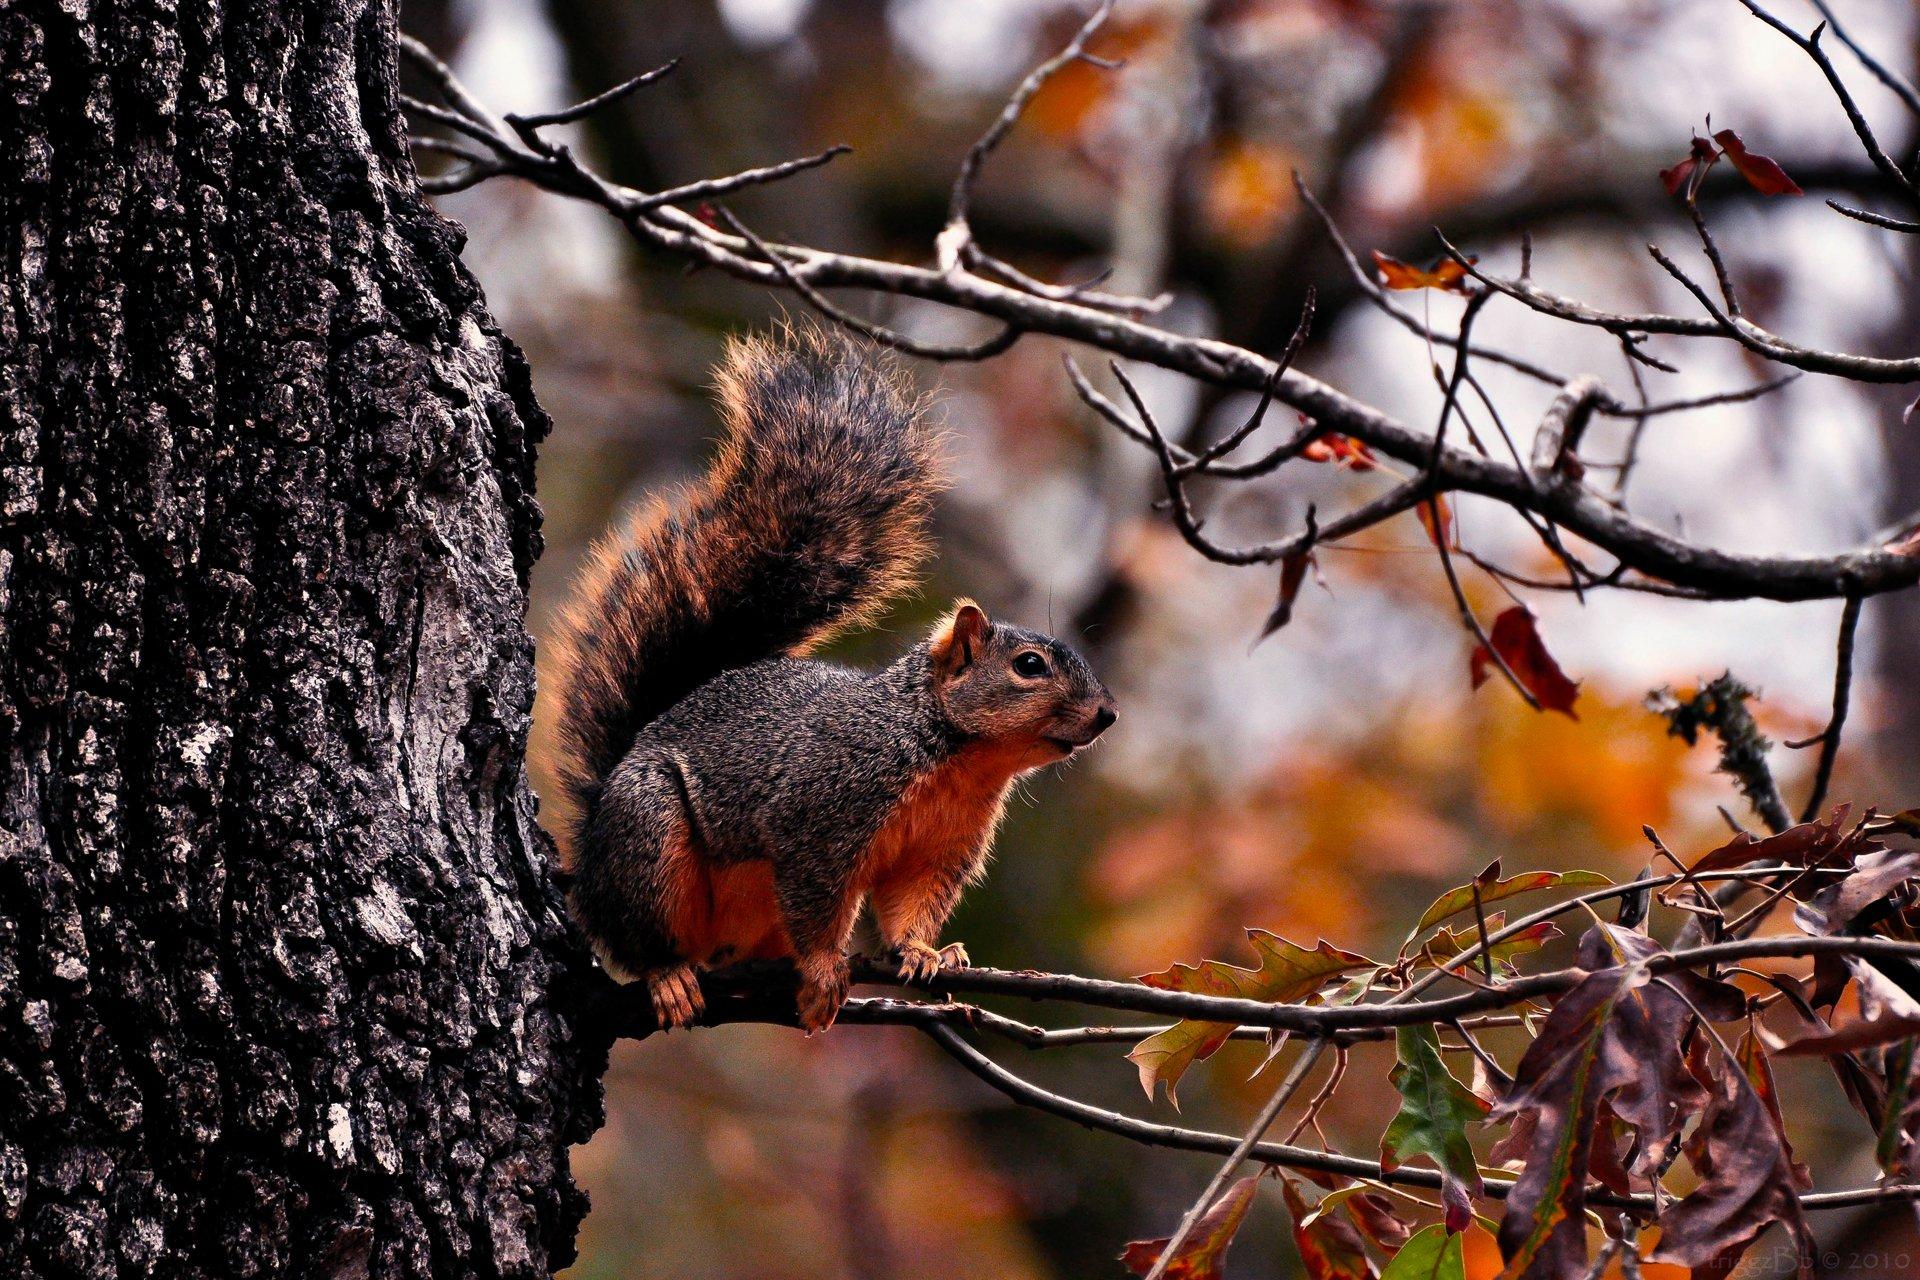 наша, фото белки на дереве осень этой отзыв